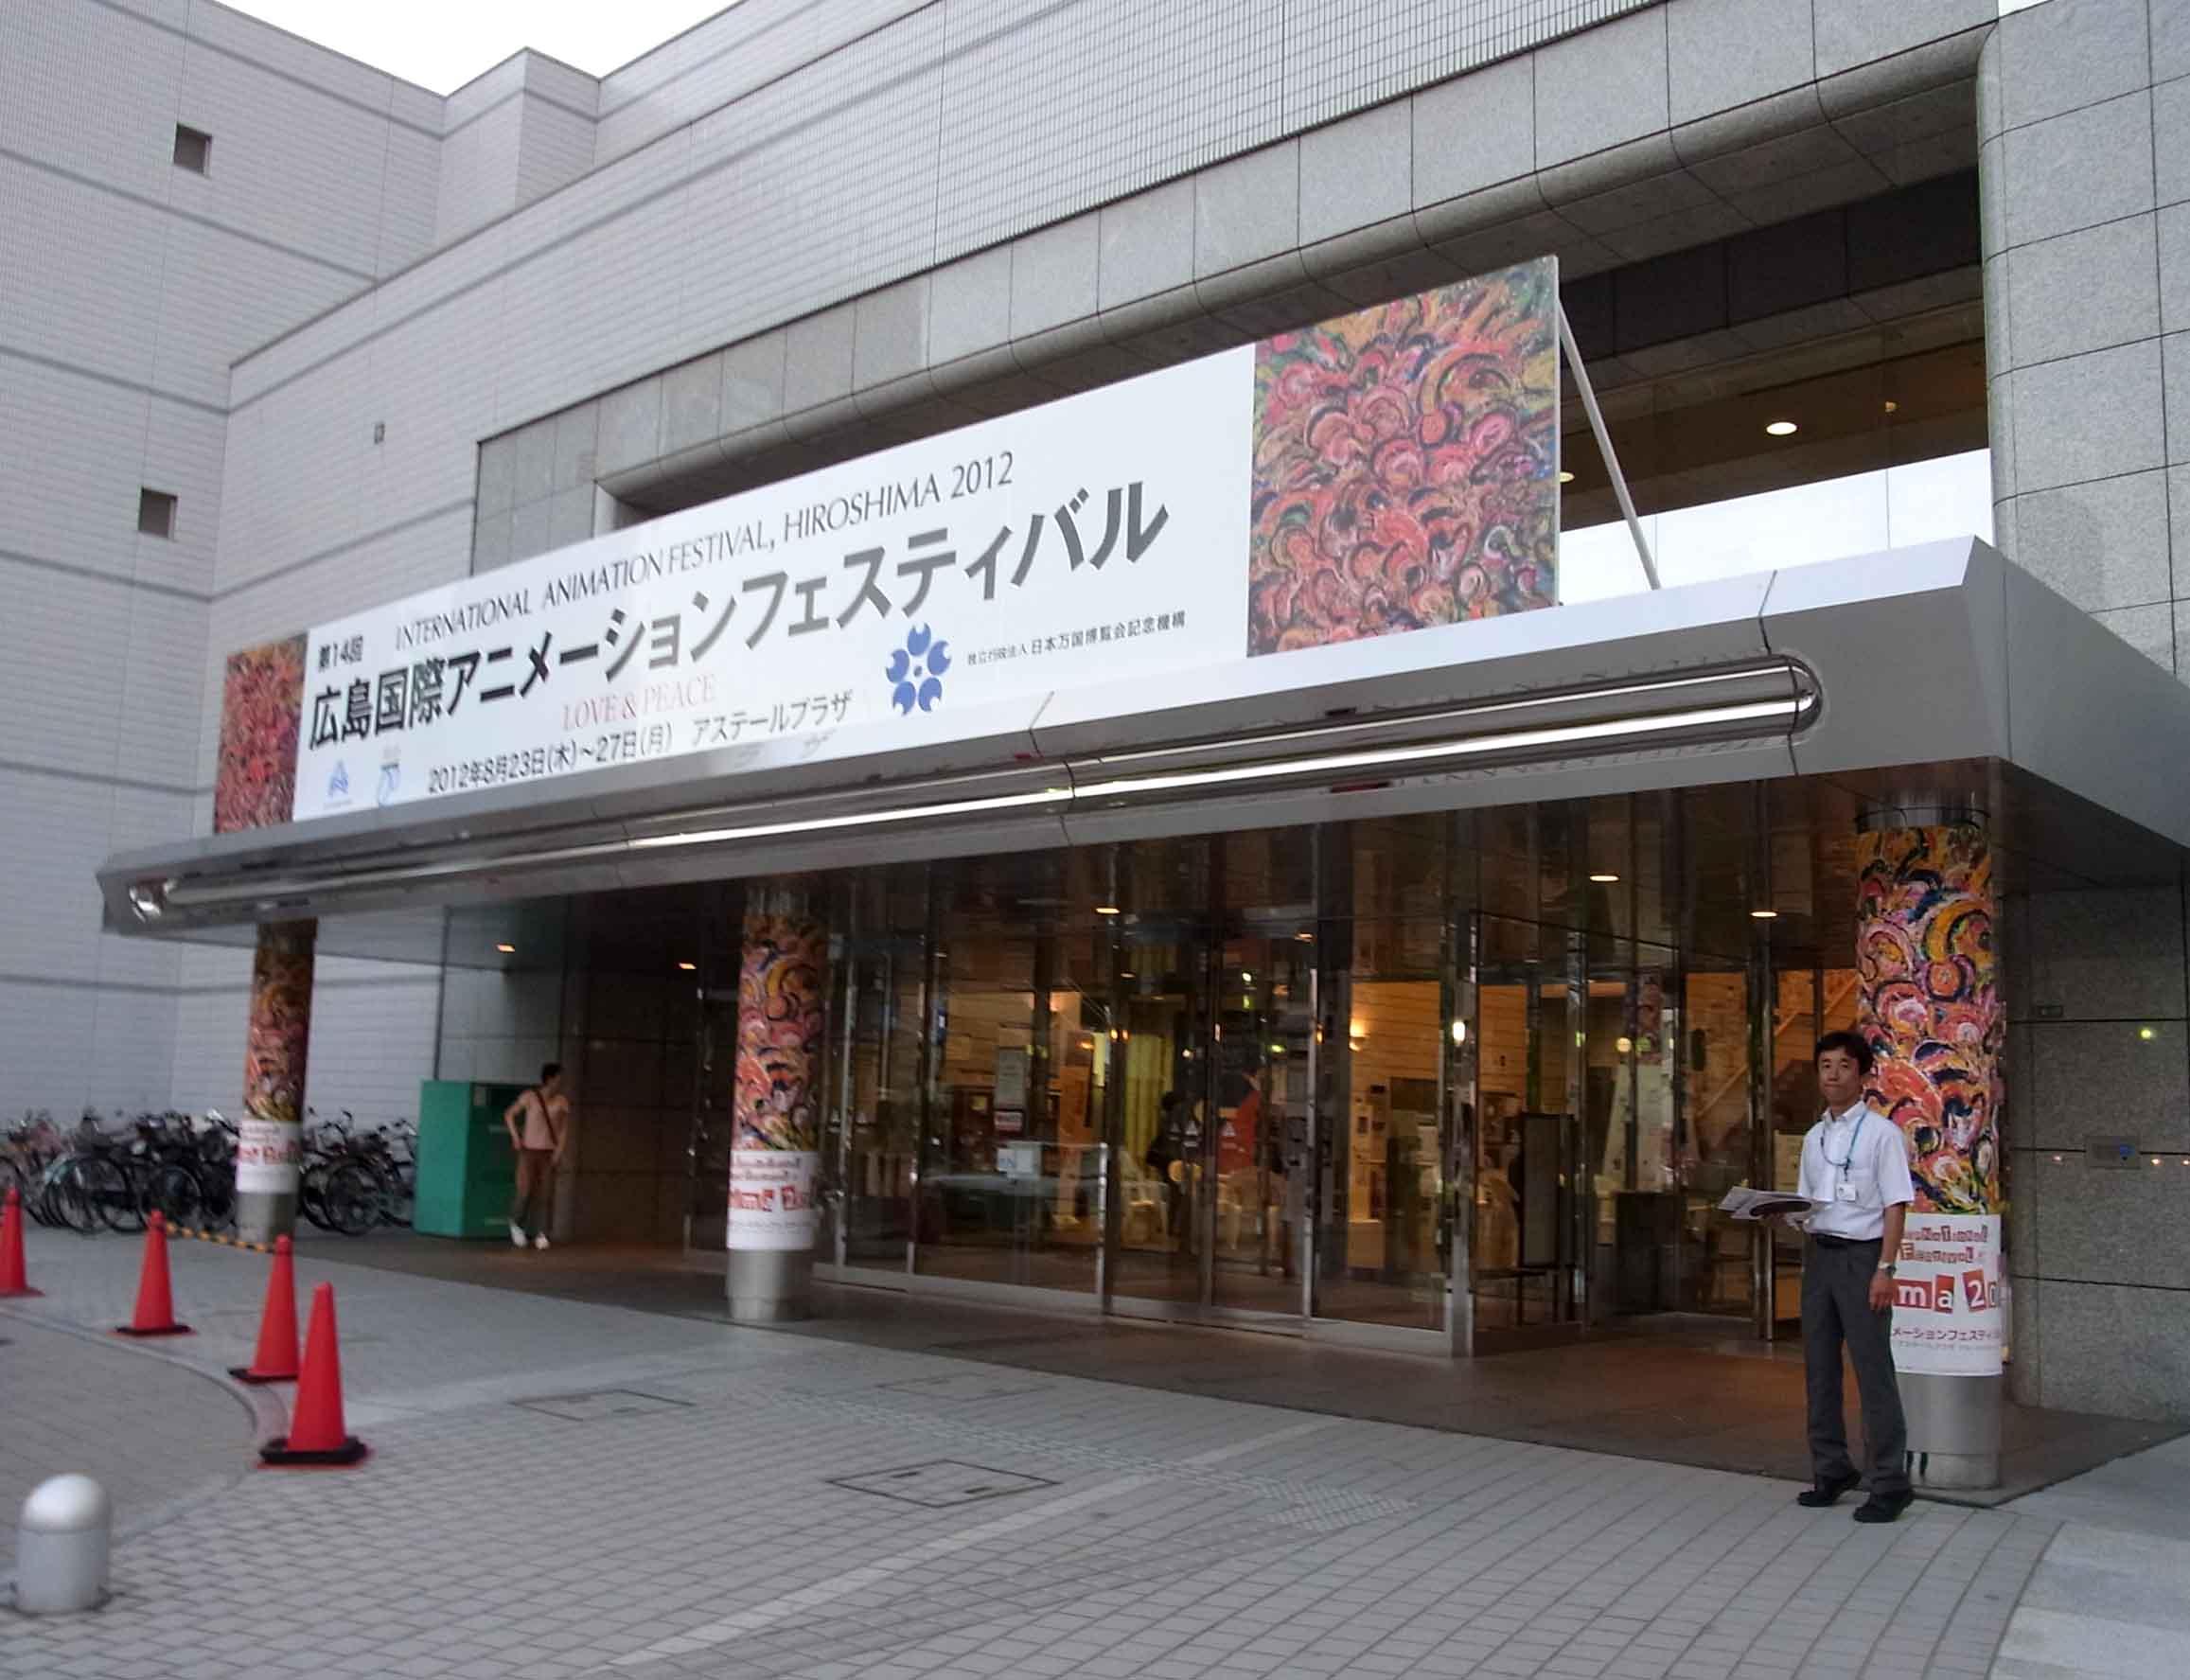 フェスティバル会場入口